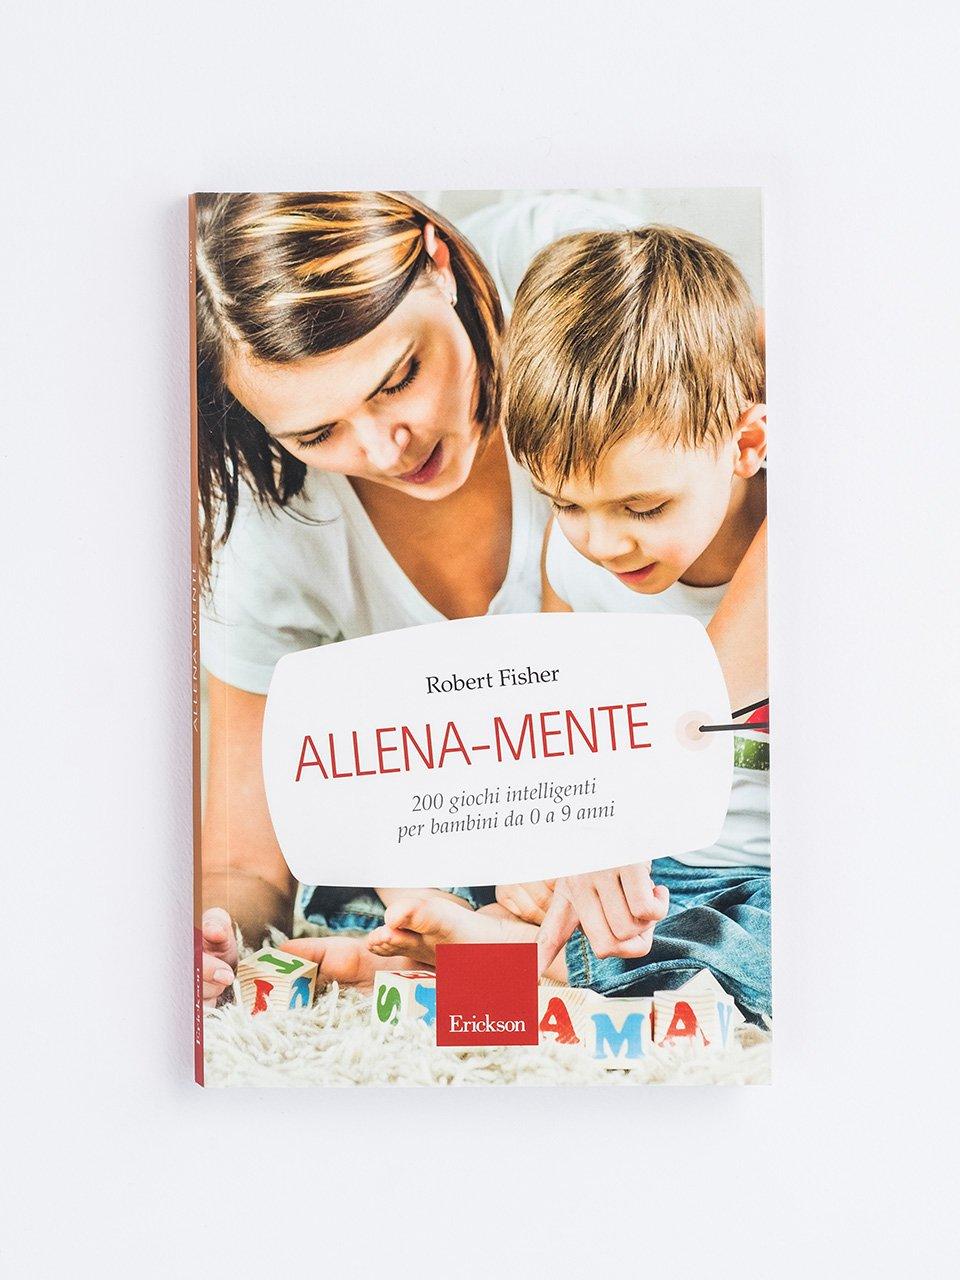 Allena-mente - Test TEMA - Memoria e apprendimento - Libri - Strumenti - Erickson